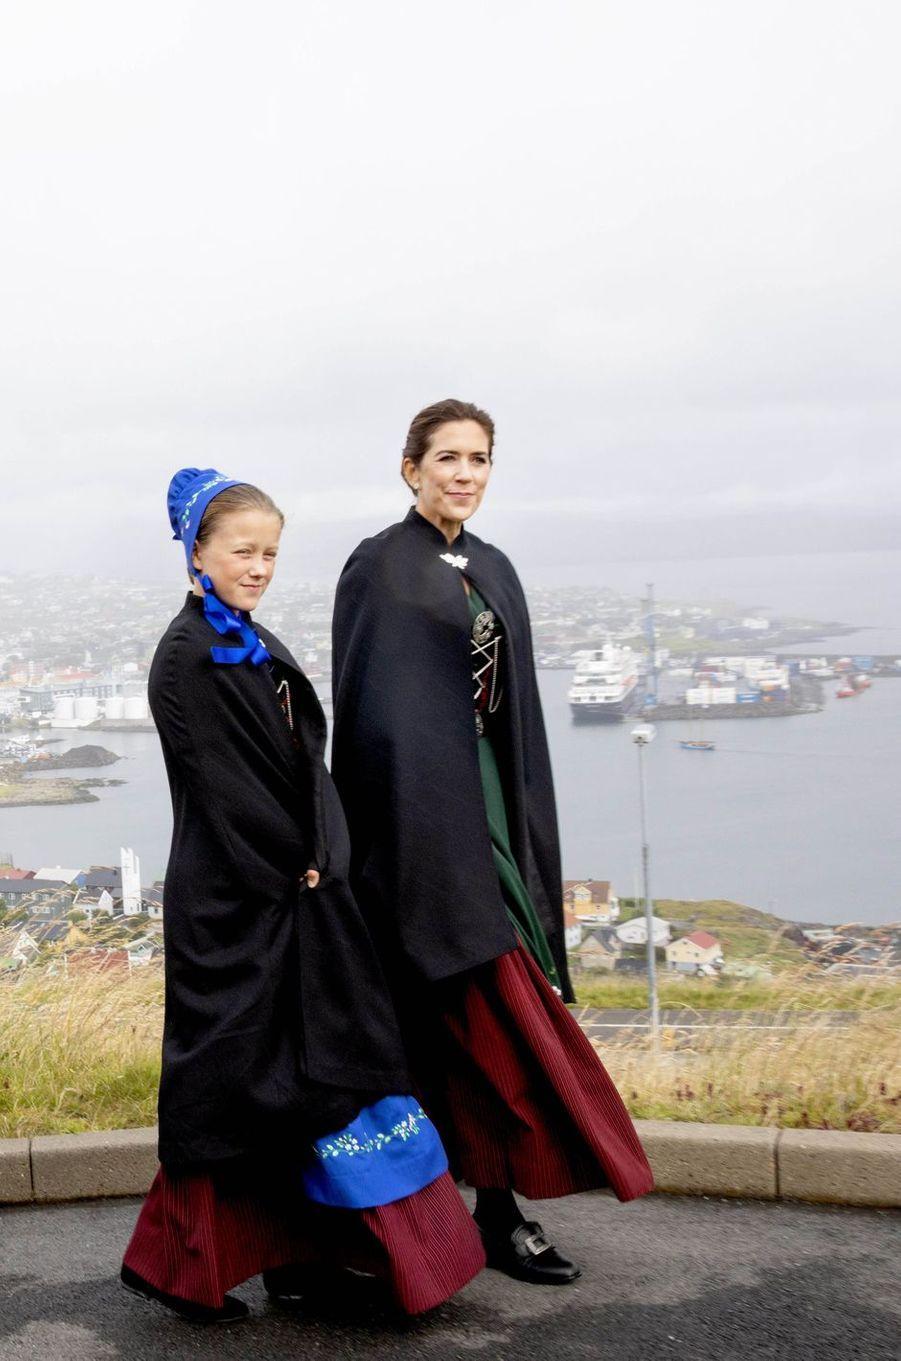 La princesse Mary de Danemark avec la princesse Isabella aux îles Féroé, le 23 août 2018